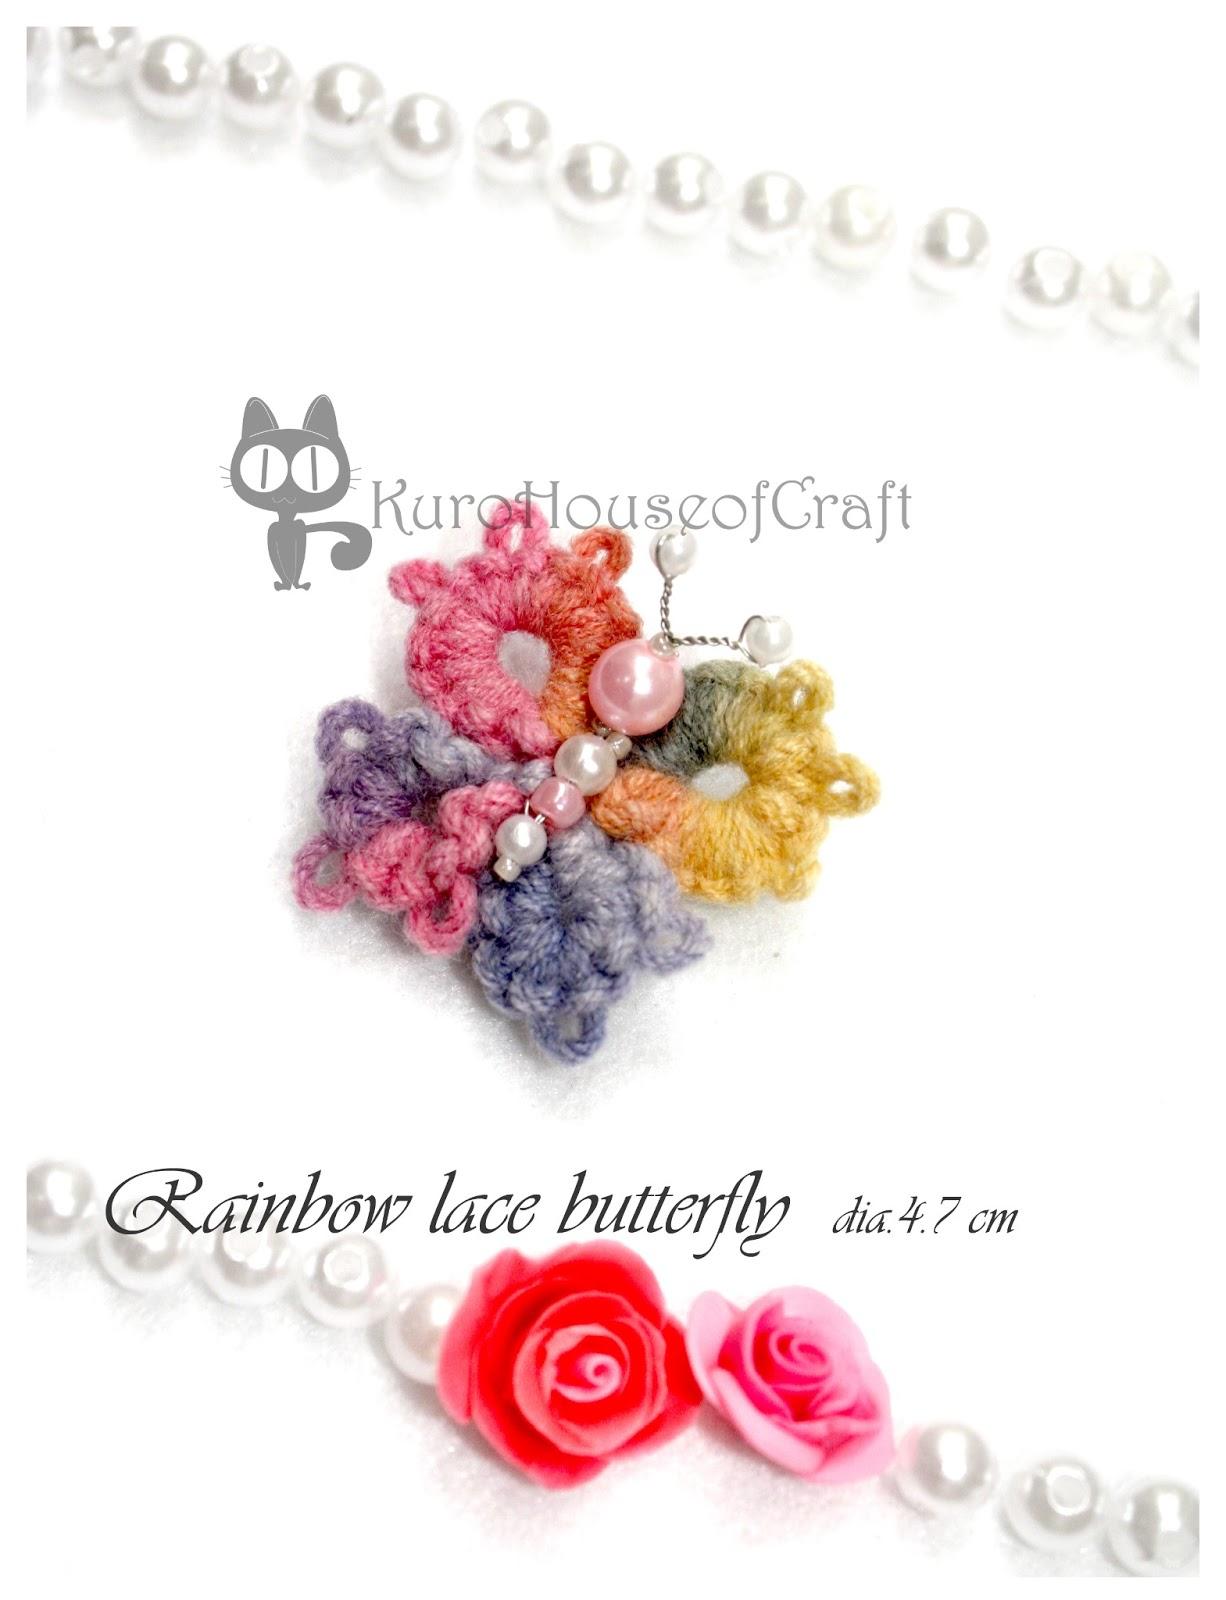 Kurohouse Craft Bross Handmade Cantik Clay Rajut Beads